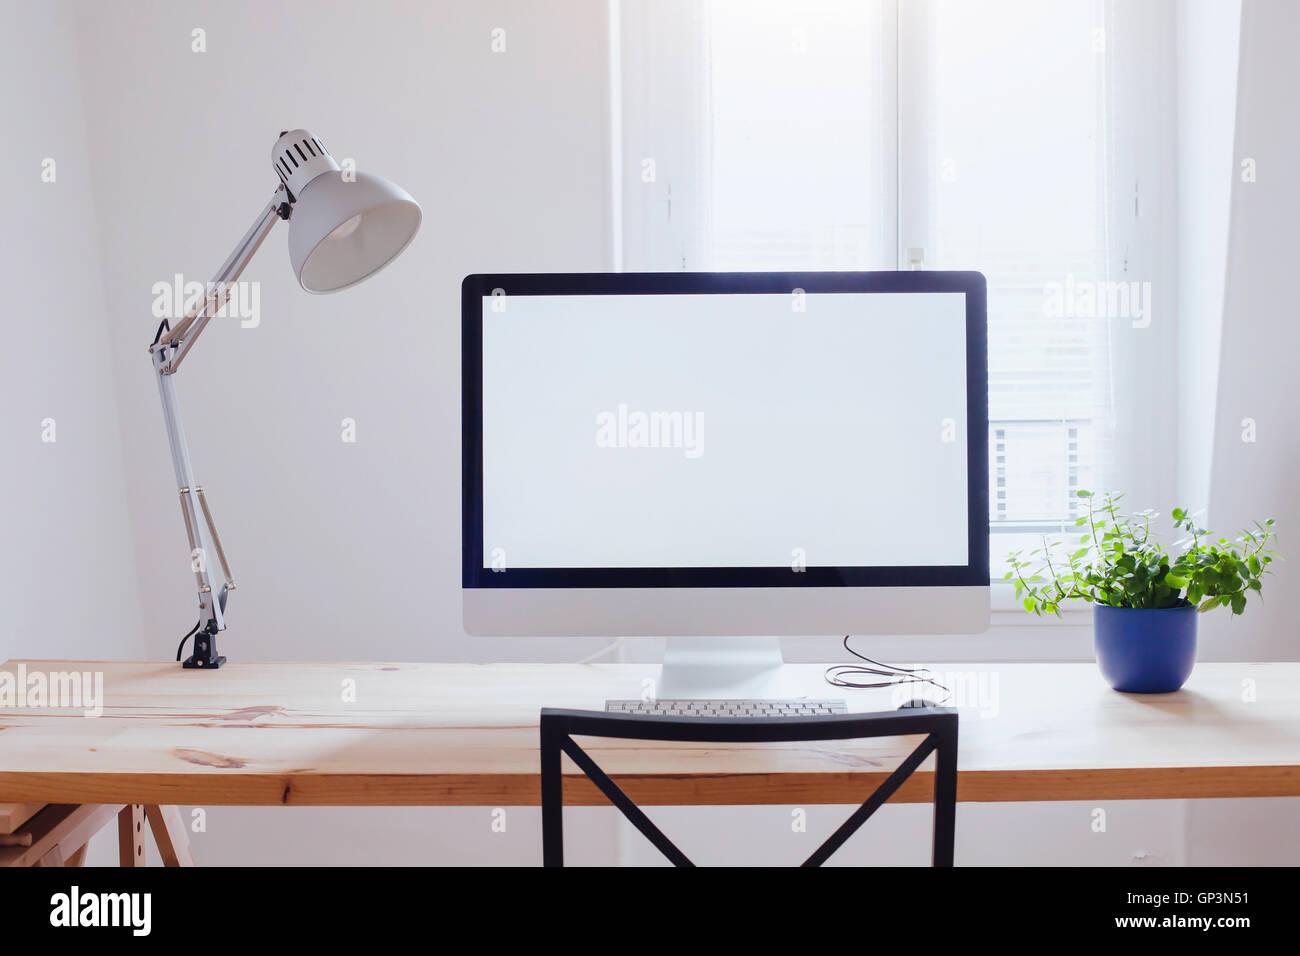 Au milieu de beau bureau moderne ordinateur avec écran vide vide